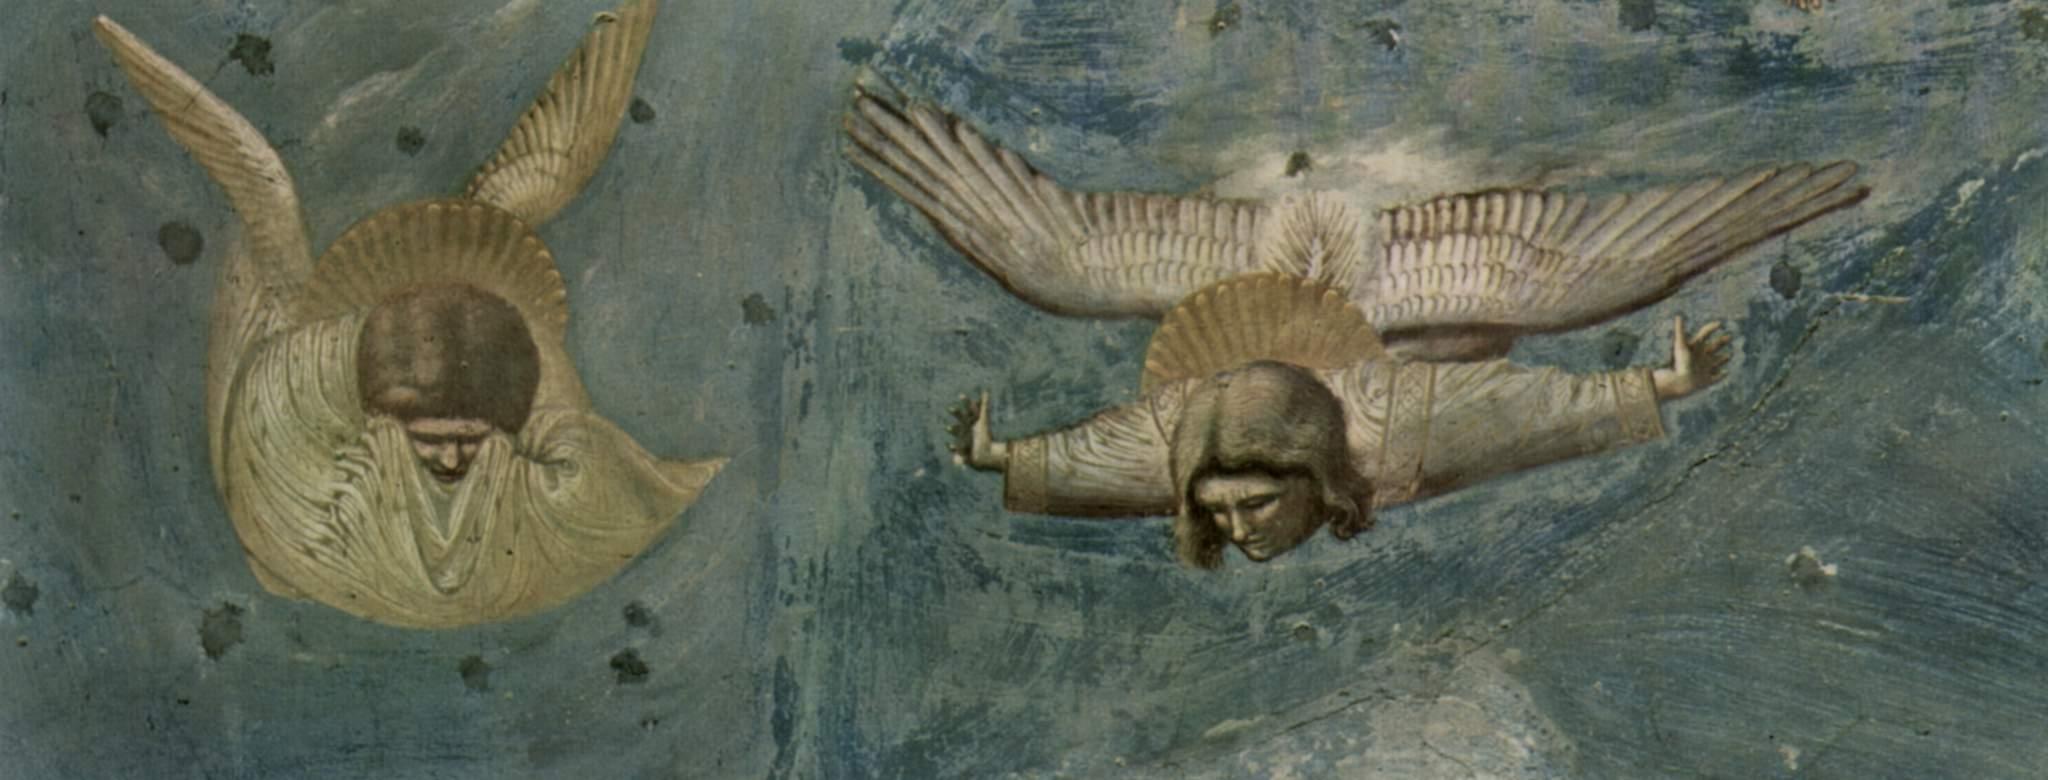 Цикл фресок капеллы Арена [23] в Падуе (капелла Скровеньи). Брак в Кане Галилейской. Фрагмент, Джотто ди Бондоне